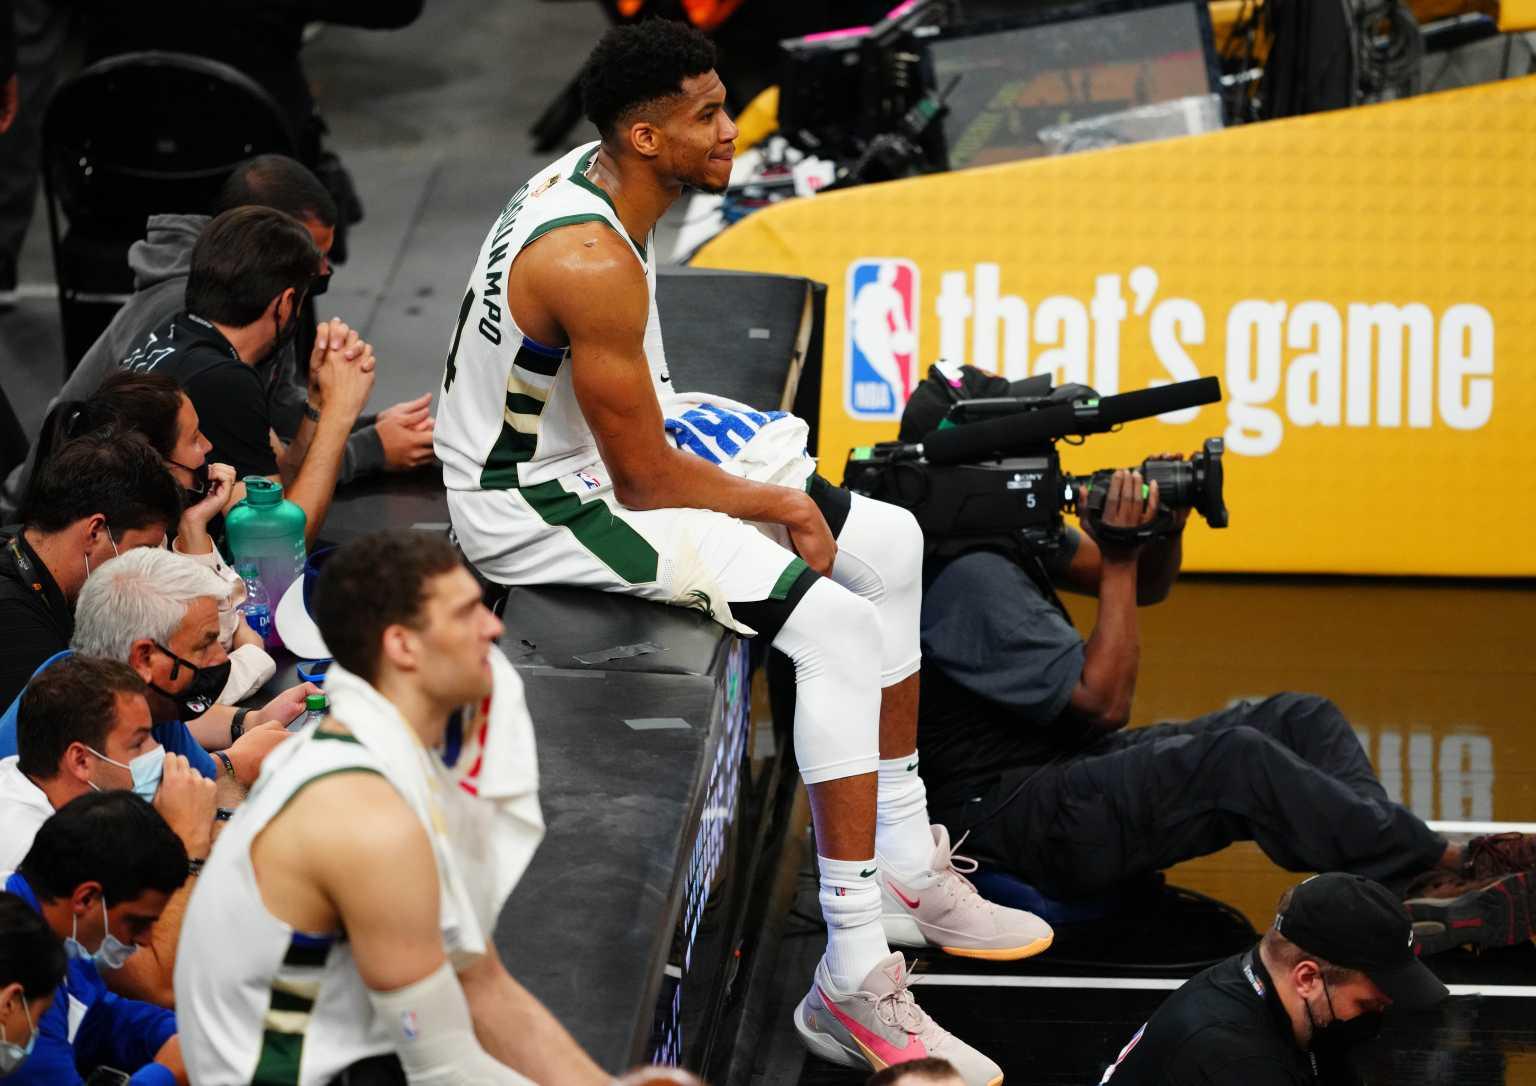 Τελικοί NBA: Οι Μπακς κερδίζουν τους Σανς όσο ο Αντετοκούνμπο είναι στο παρκέ